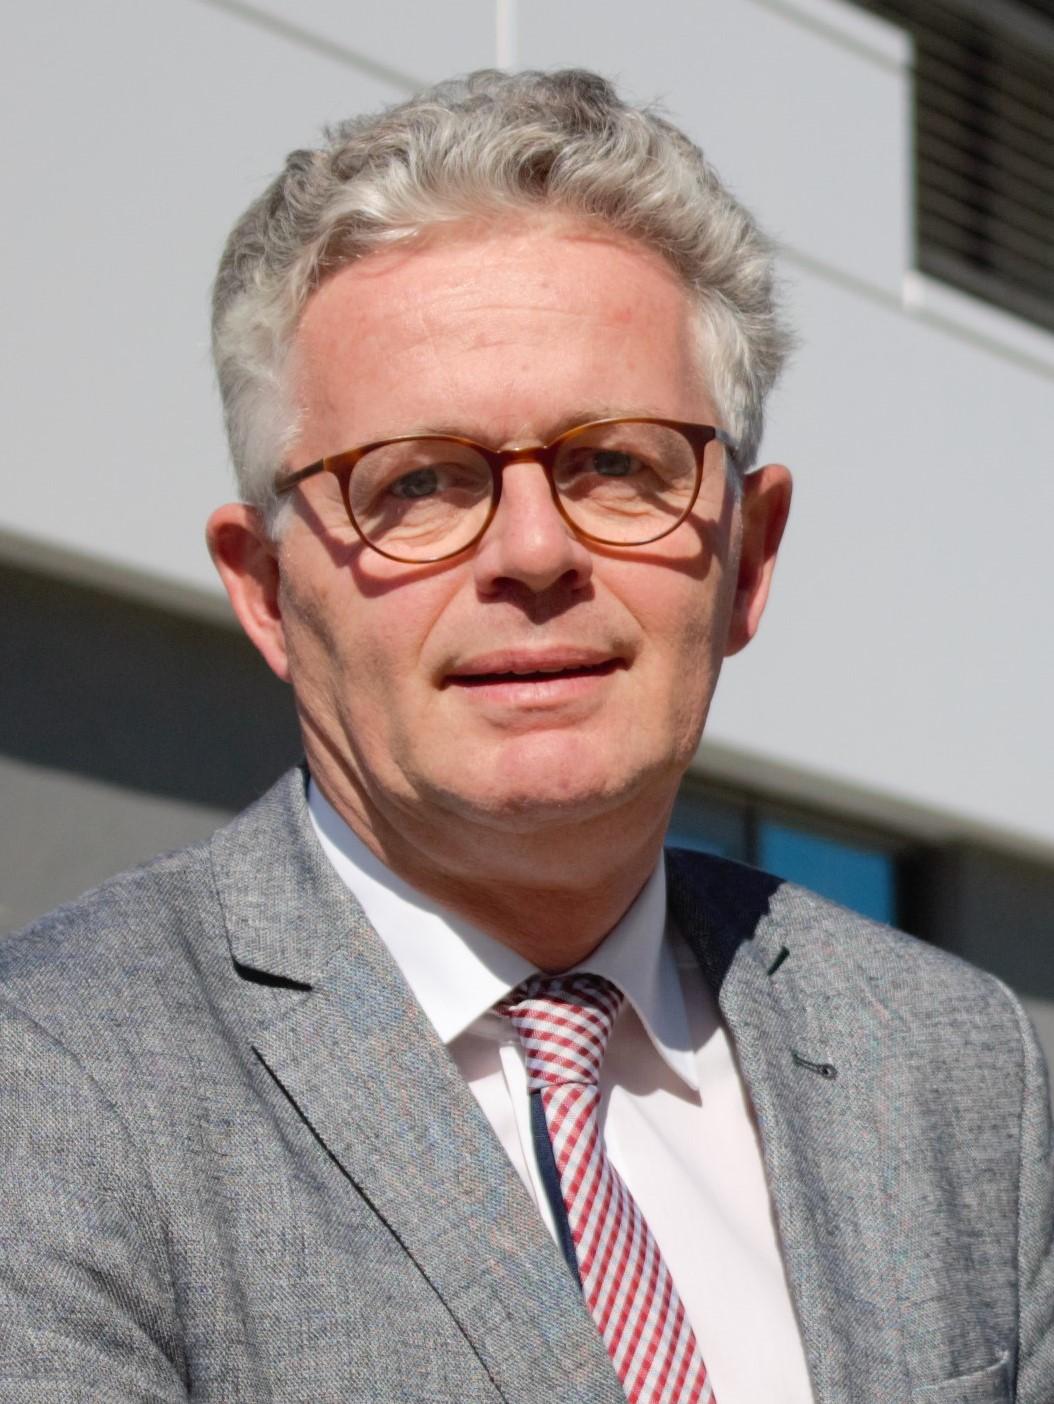 ITA-Geschäftsführer Dr. Stefan Schlichter gibt Einblicke in die KI als wichtigen Baustein für die Wettbewerbsfähigkeit der Vliesstoffindustrie